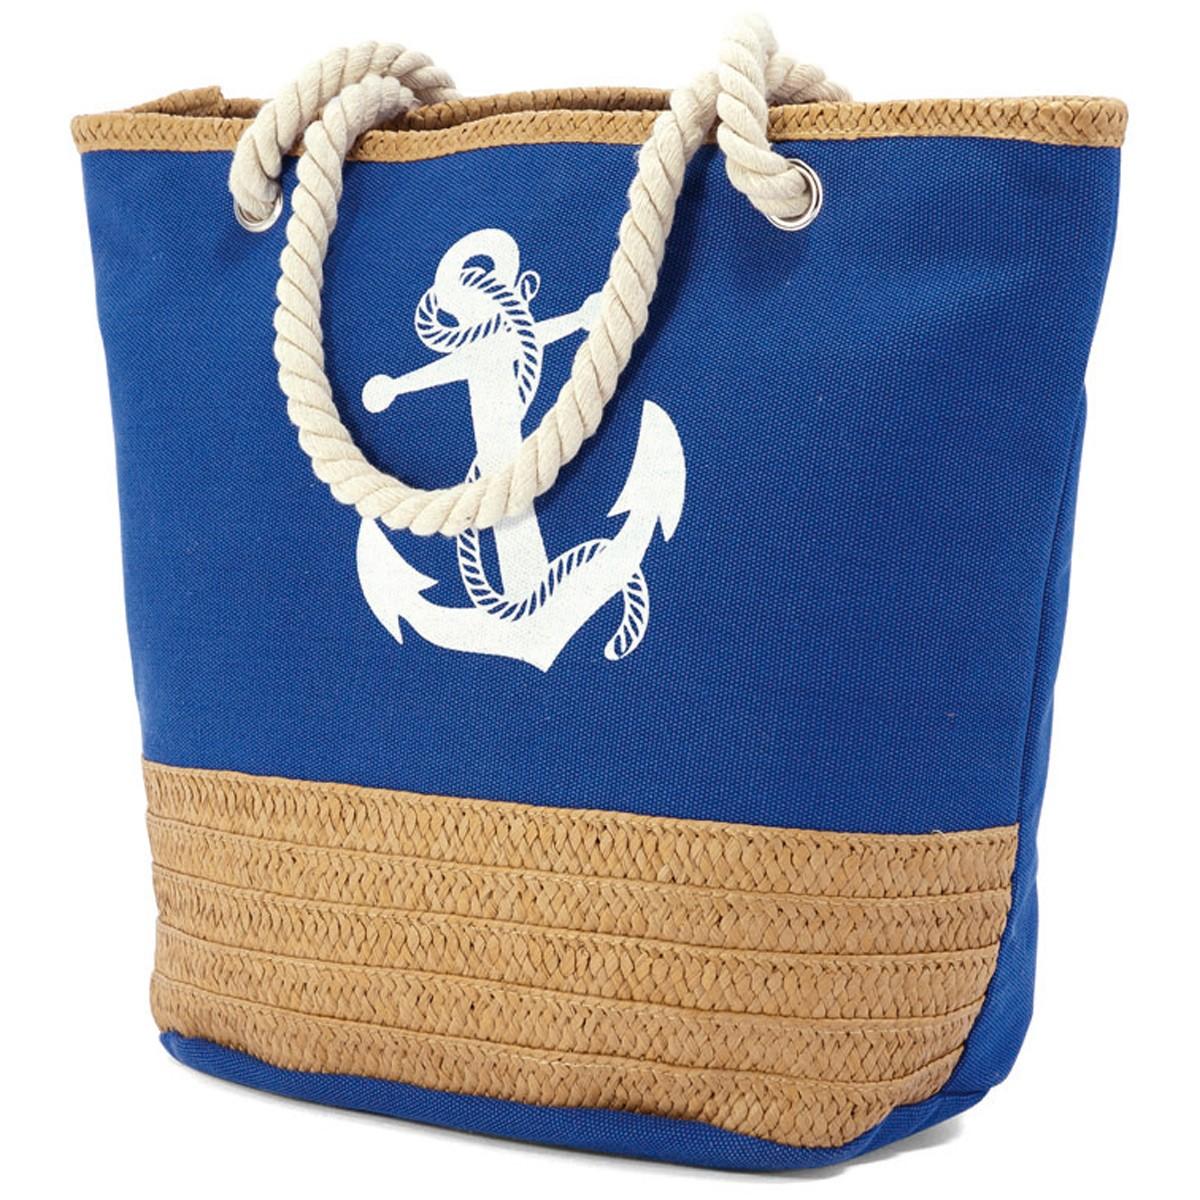 Τσάντα Παραλίας Benzi 4773 Blue home   θαλάσσης   τσάντες παραλίας